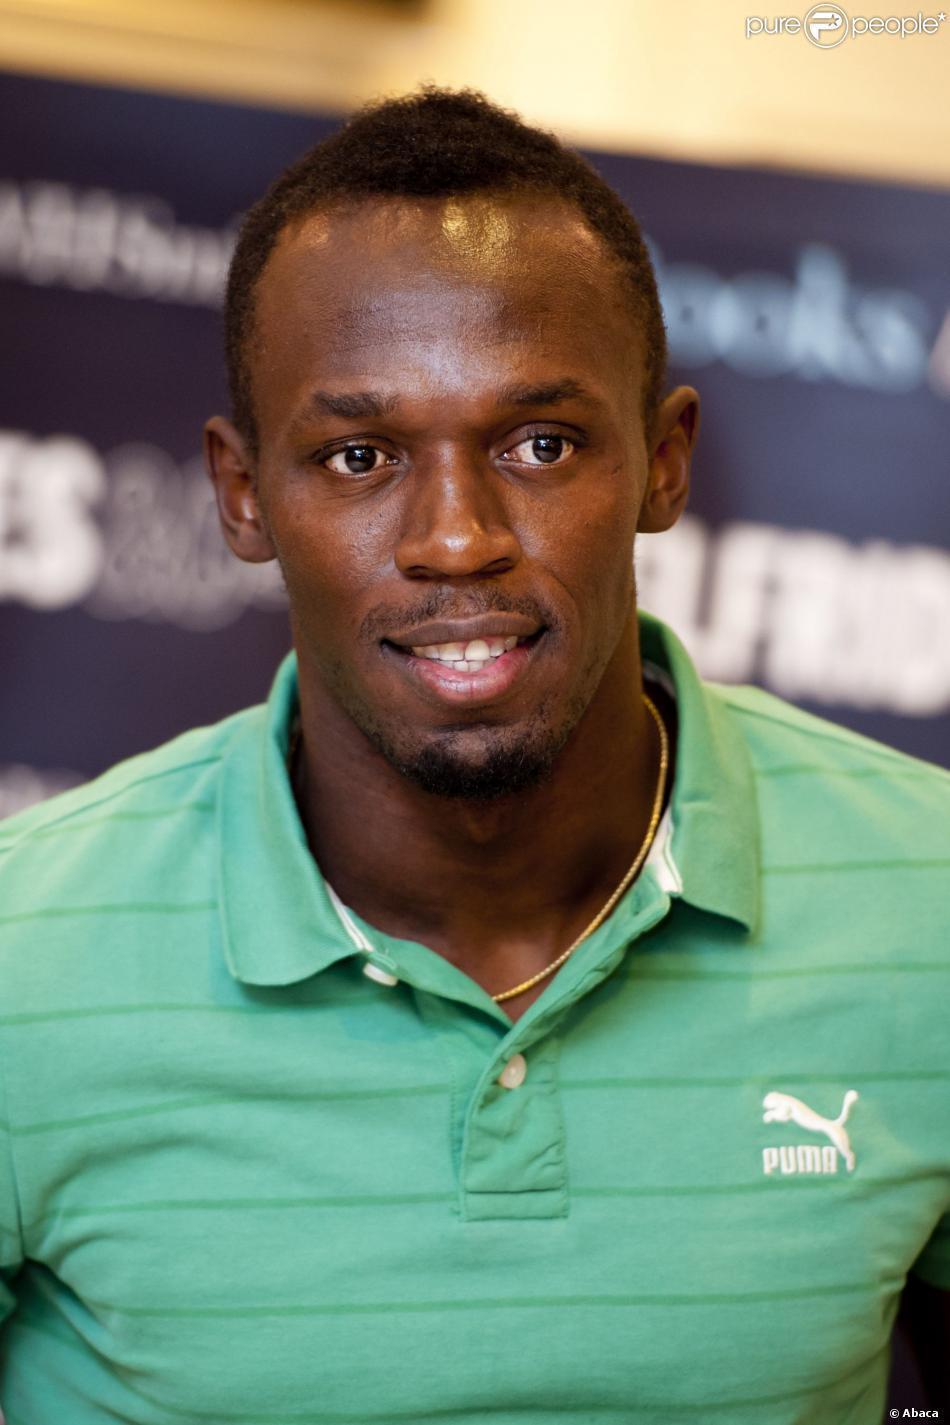 Usain St Leo Bolt ur 21 sierpnia 1986 w Sherwood Content Trelawny jamajski lekkoatleta piłkarz sprinter ośmiokrotny mistrz olimpijski z Pekinu Londynu